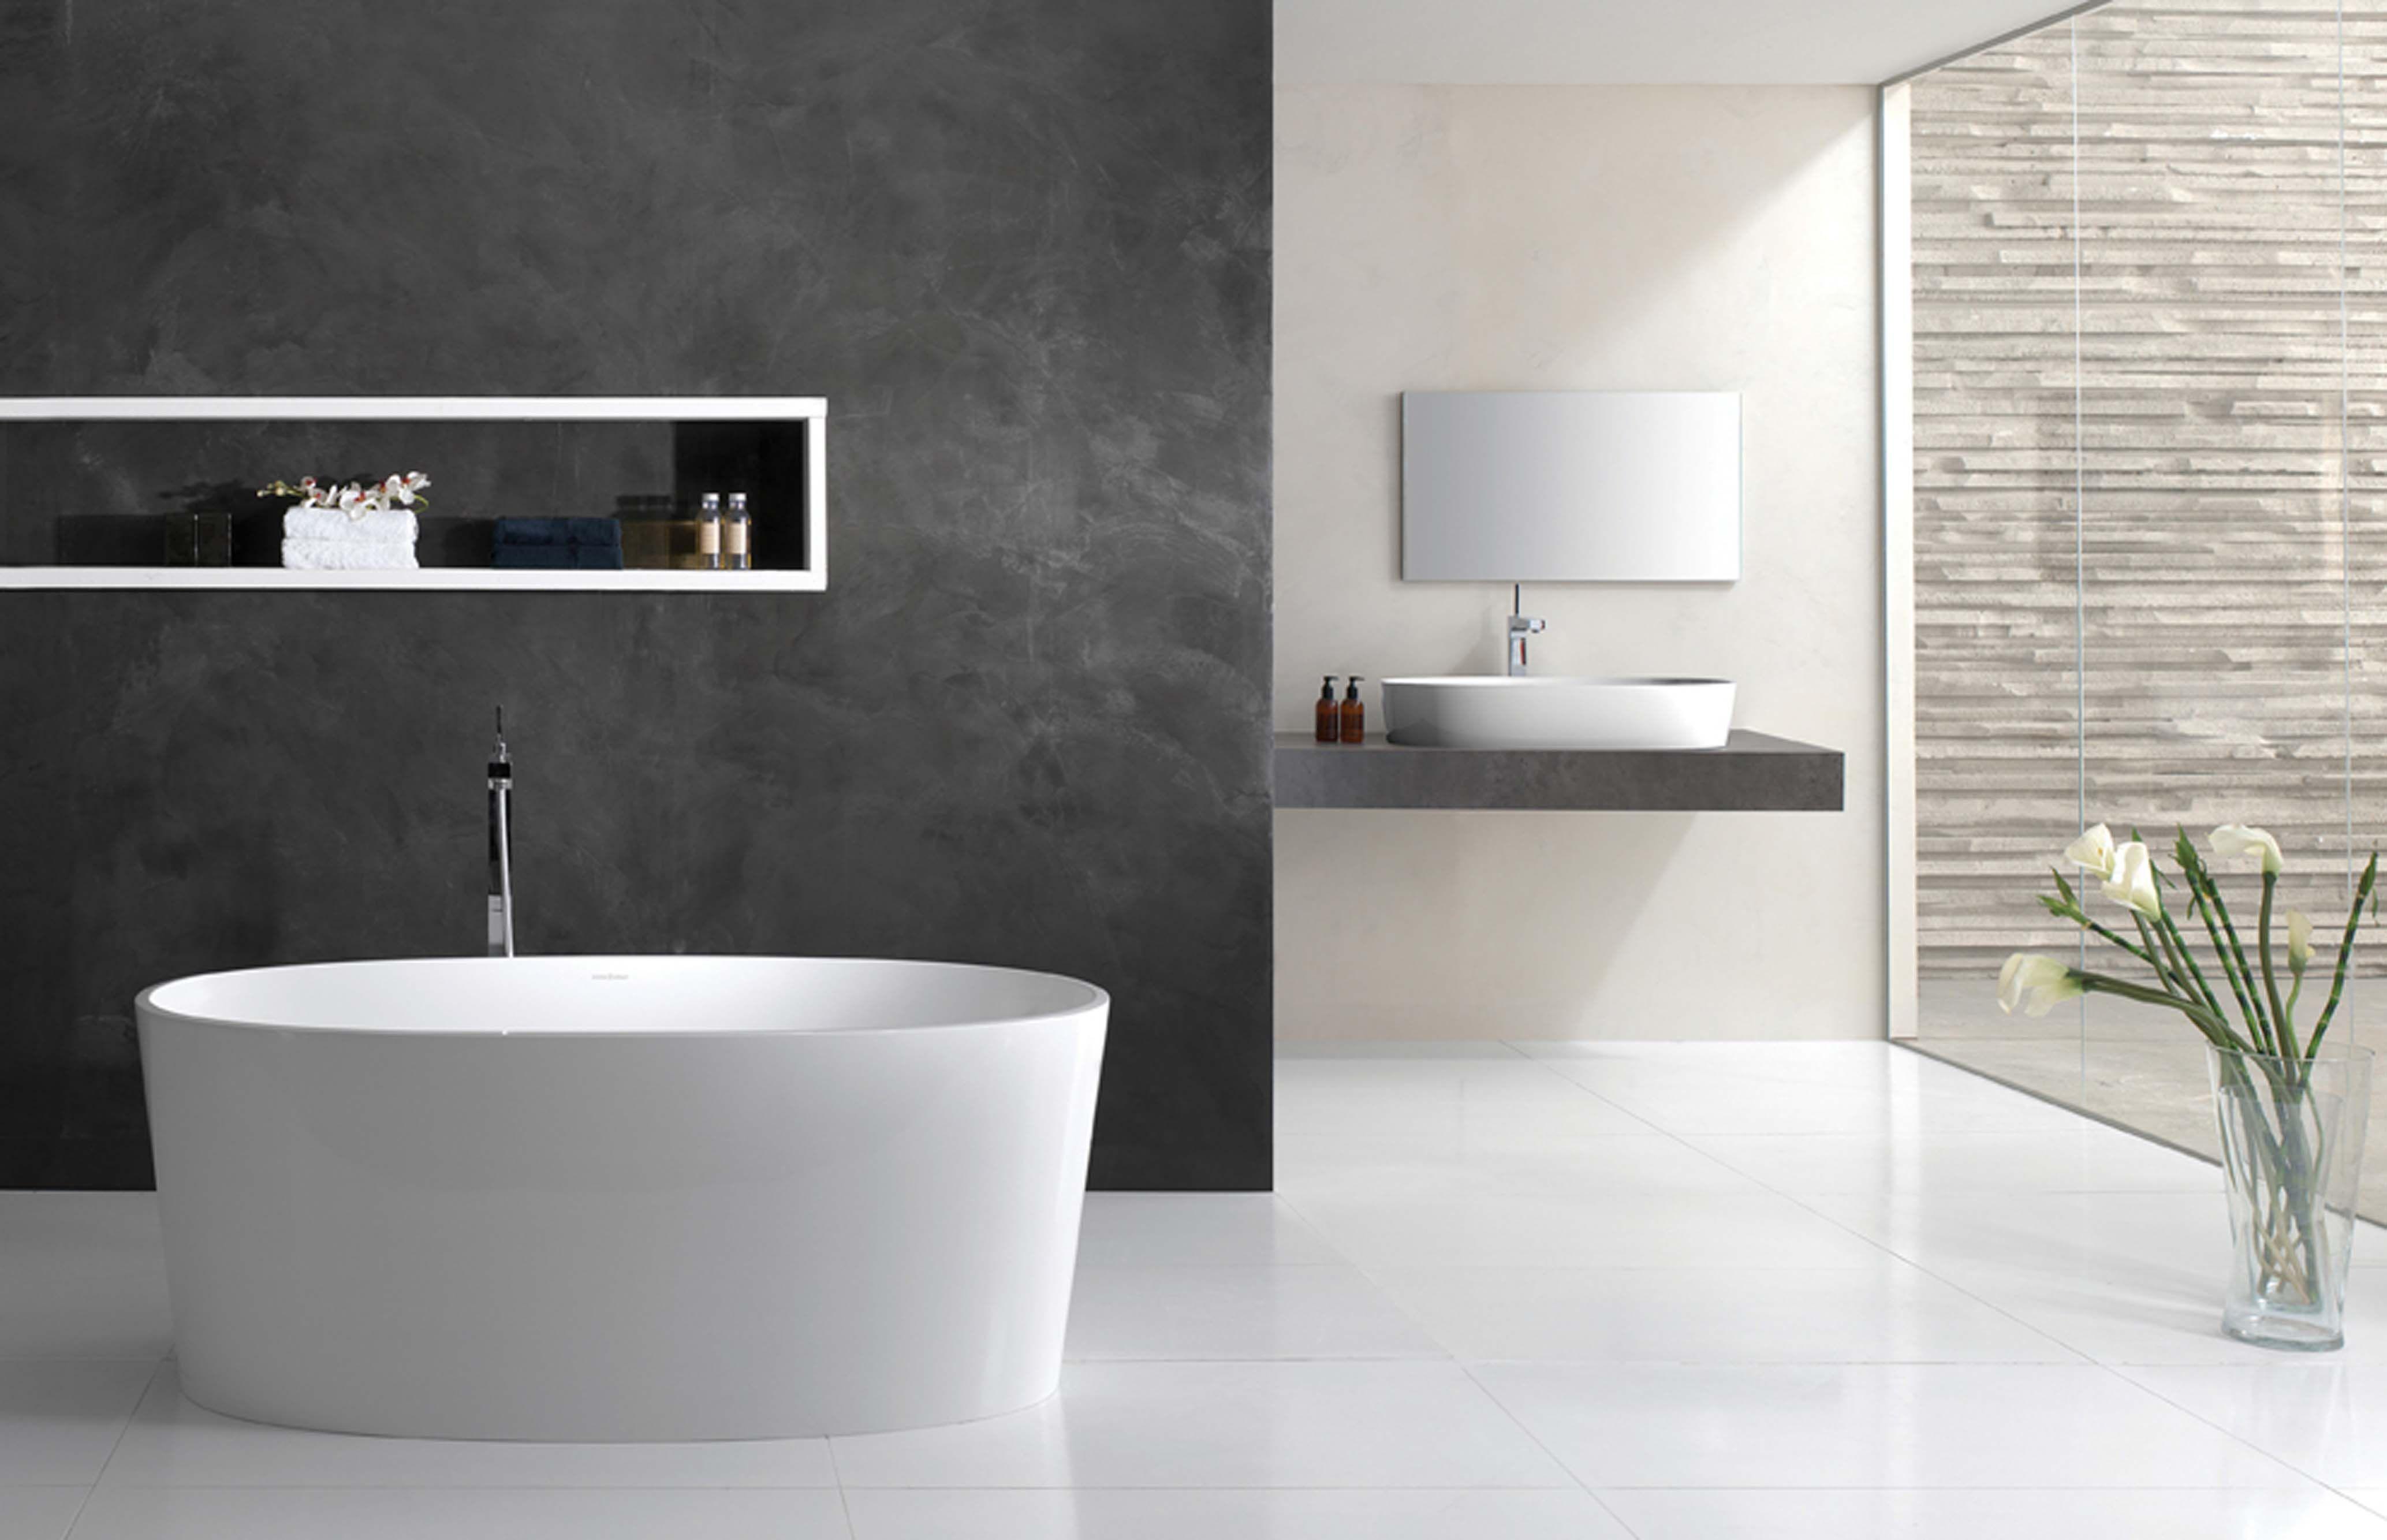 G lindo con grafito | Baños Modernos | Pinterest | Baño moderno ...